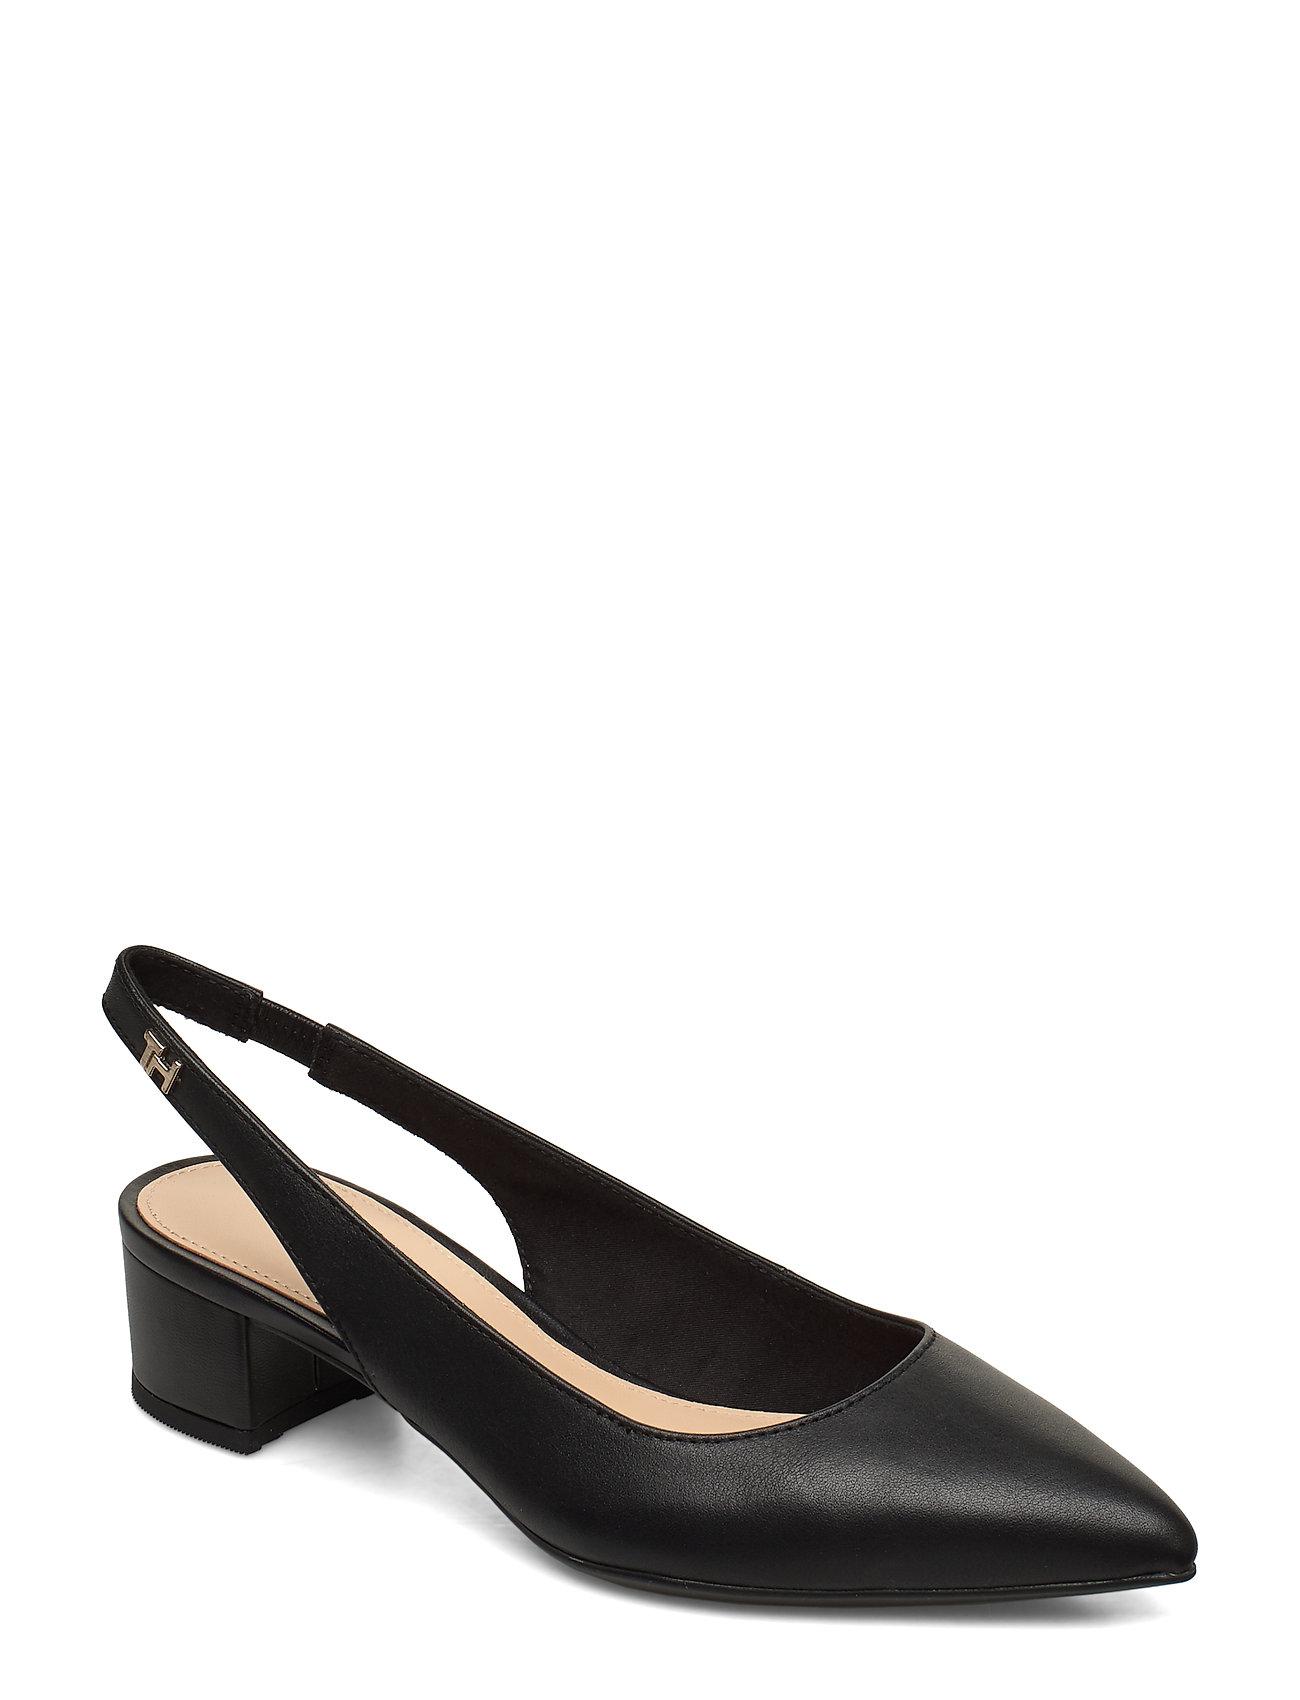 Image of Feminine Leather Mid Heel Pump Shoes Heels Pumps Sling Backs Sort Tommy Hilfiger (3359211239)